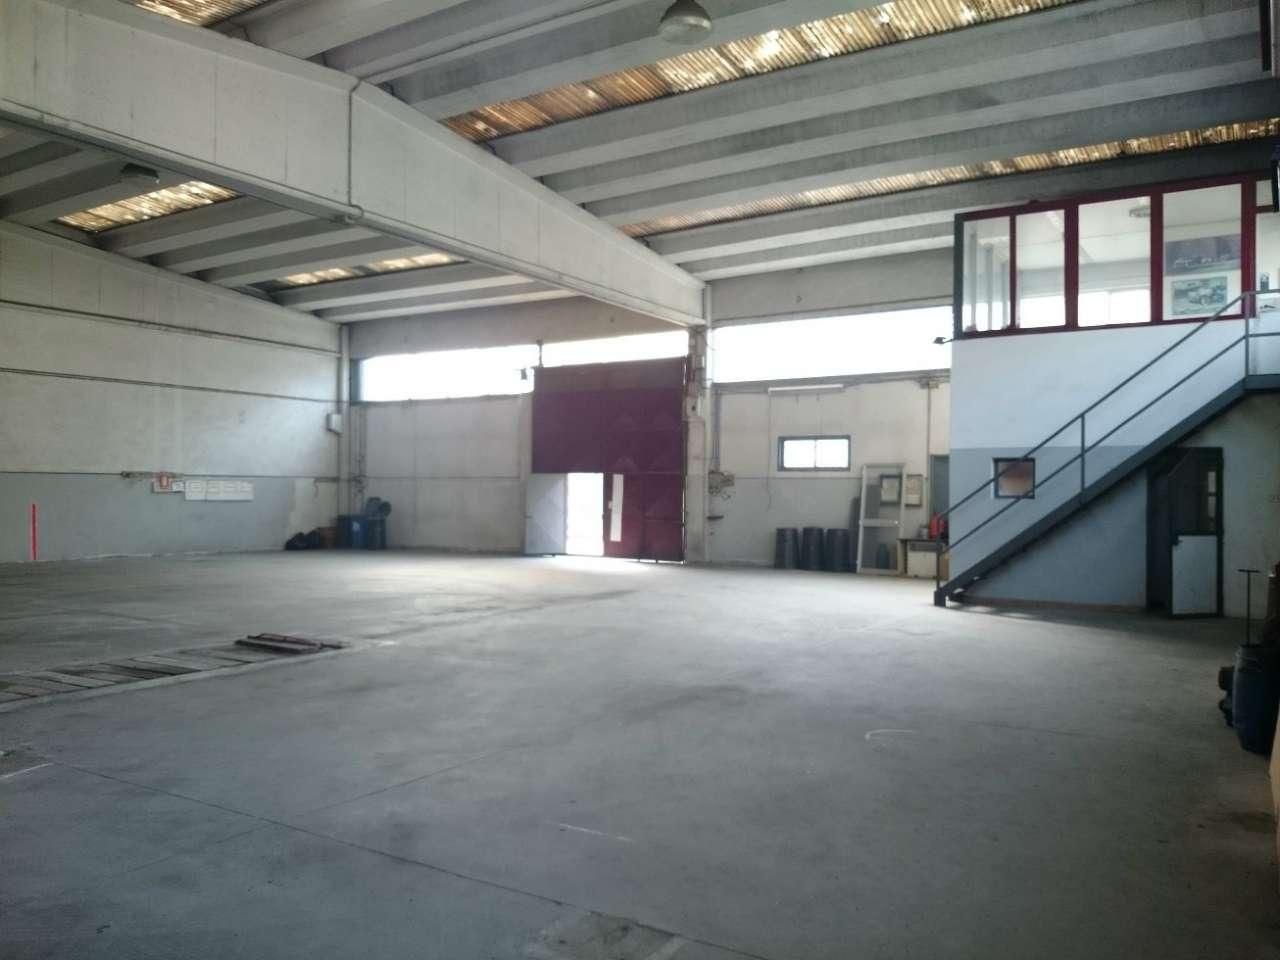 Capannone in vendita a Cernusco sul Naviglio, 1 locali, prezzo € 340.000 | PortaleAgenzieImmobiliari.it